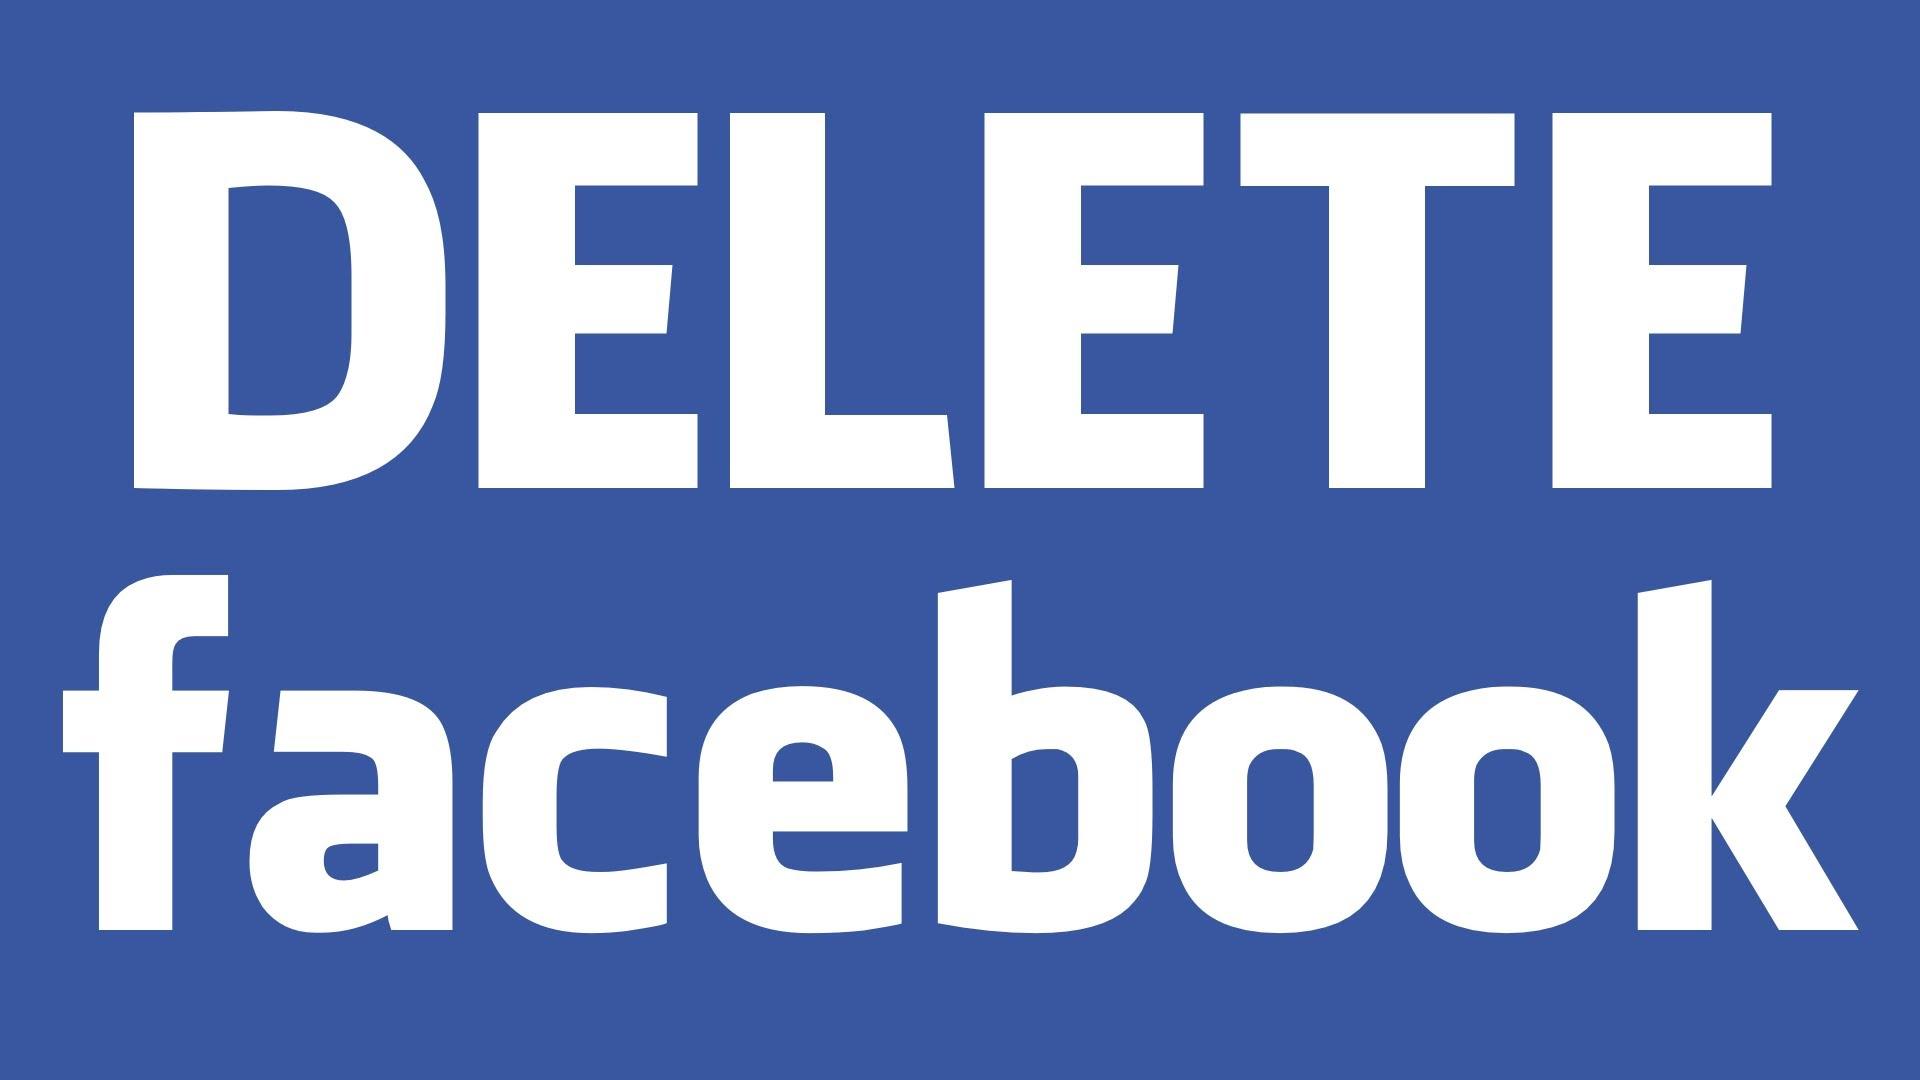 delete photos manually on pixel